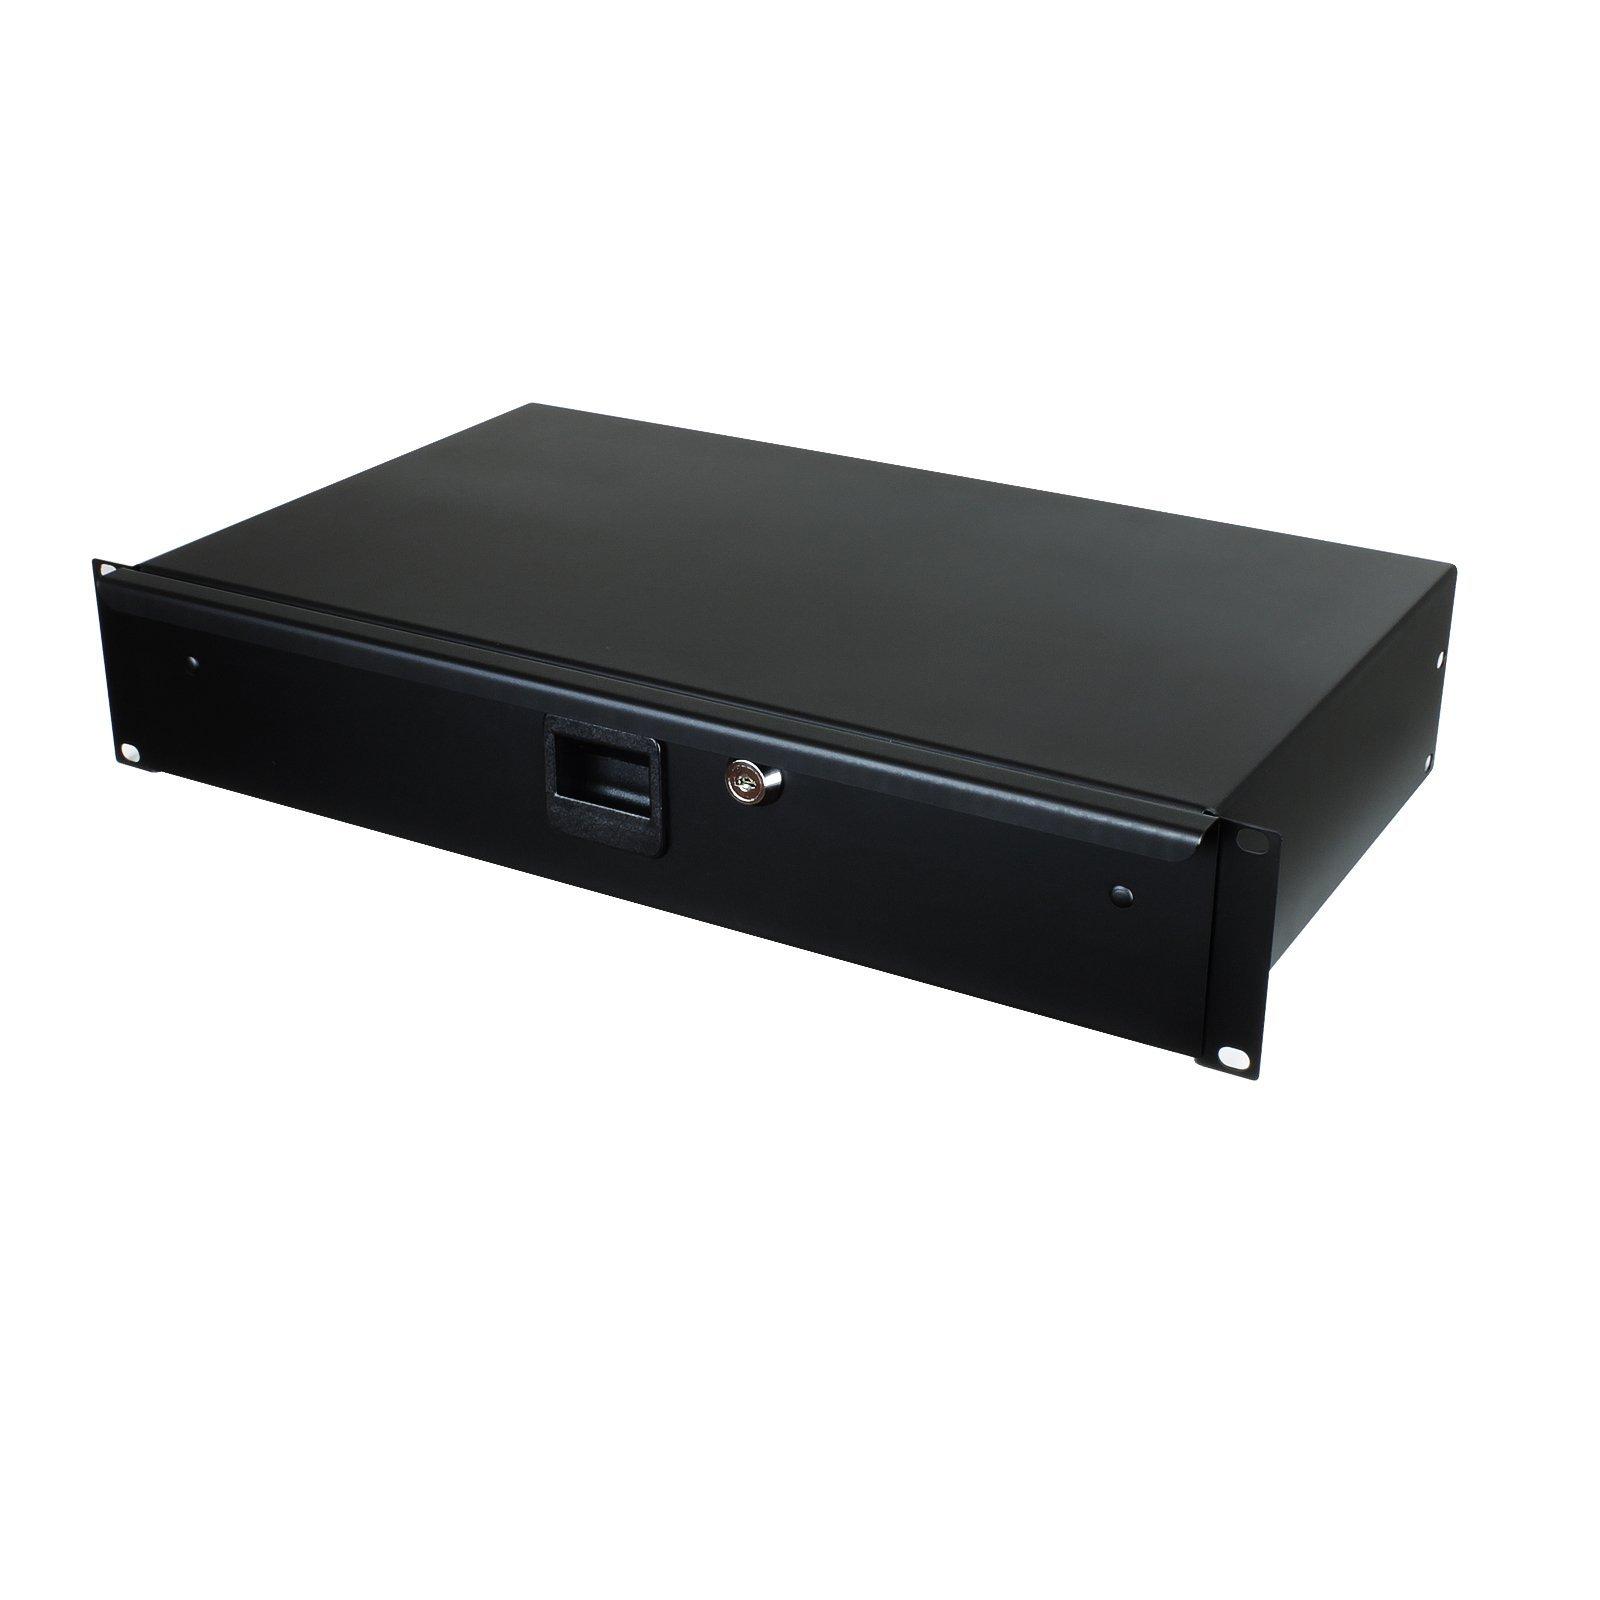 Penn Elcom R1292K-10 Shallow Drawer for 2 Rack Spaces, Storage for Equipment Audio/AV, IT/DJ, Slam Latch with Keyed Lock